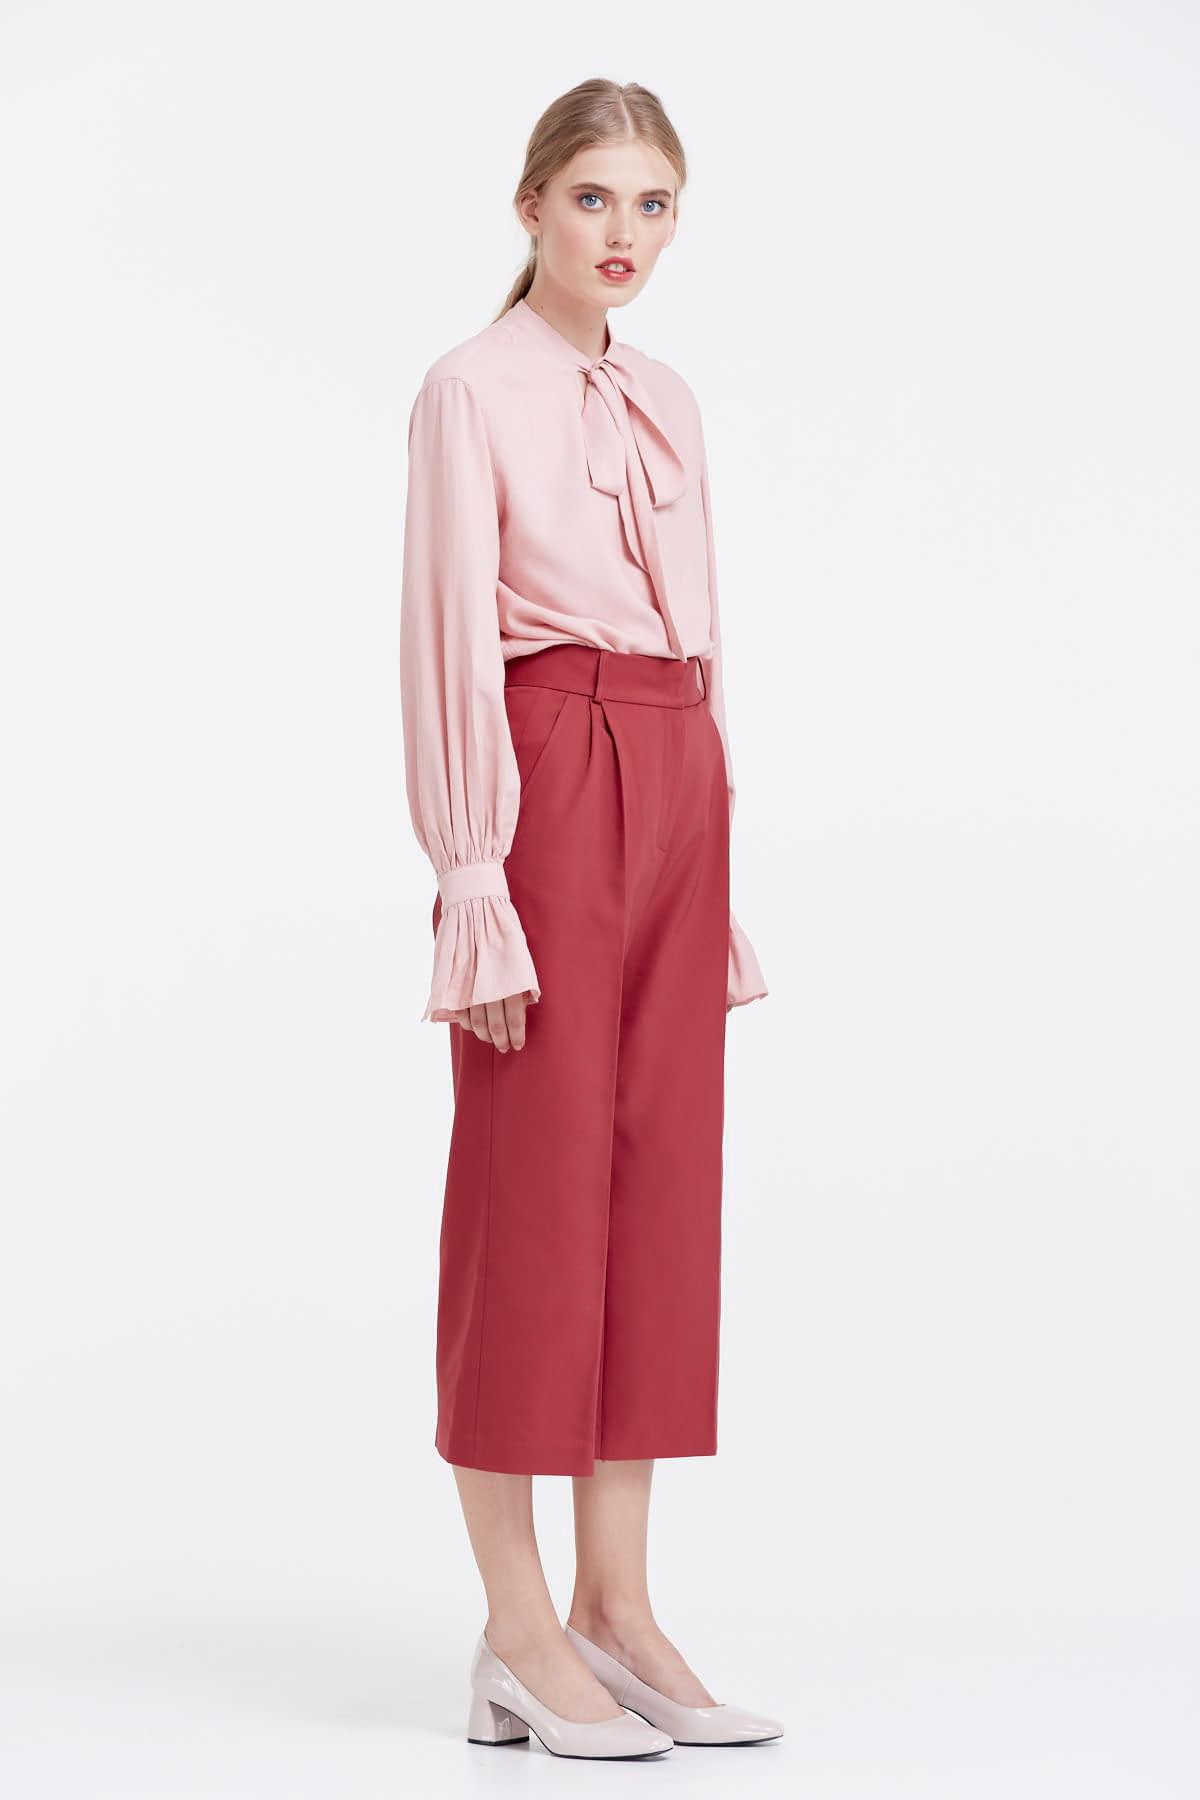 брюки весна лето 2019 года модные: кюлоты красные